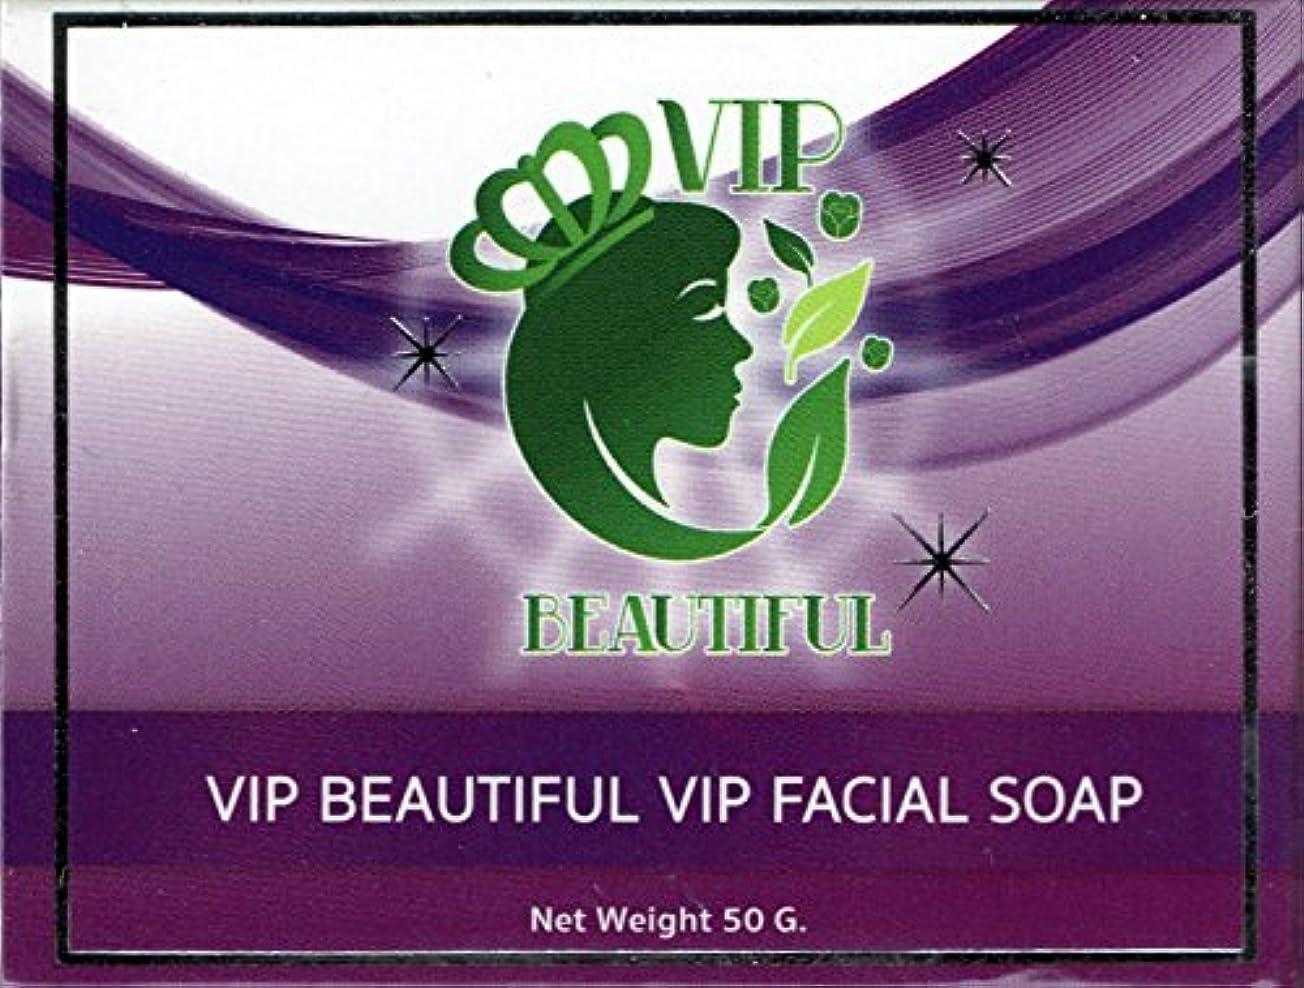 に関して受け皿印をつけるVIP BEAUTIFUL VIP FACIAL SOAP タイ 石鹸